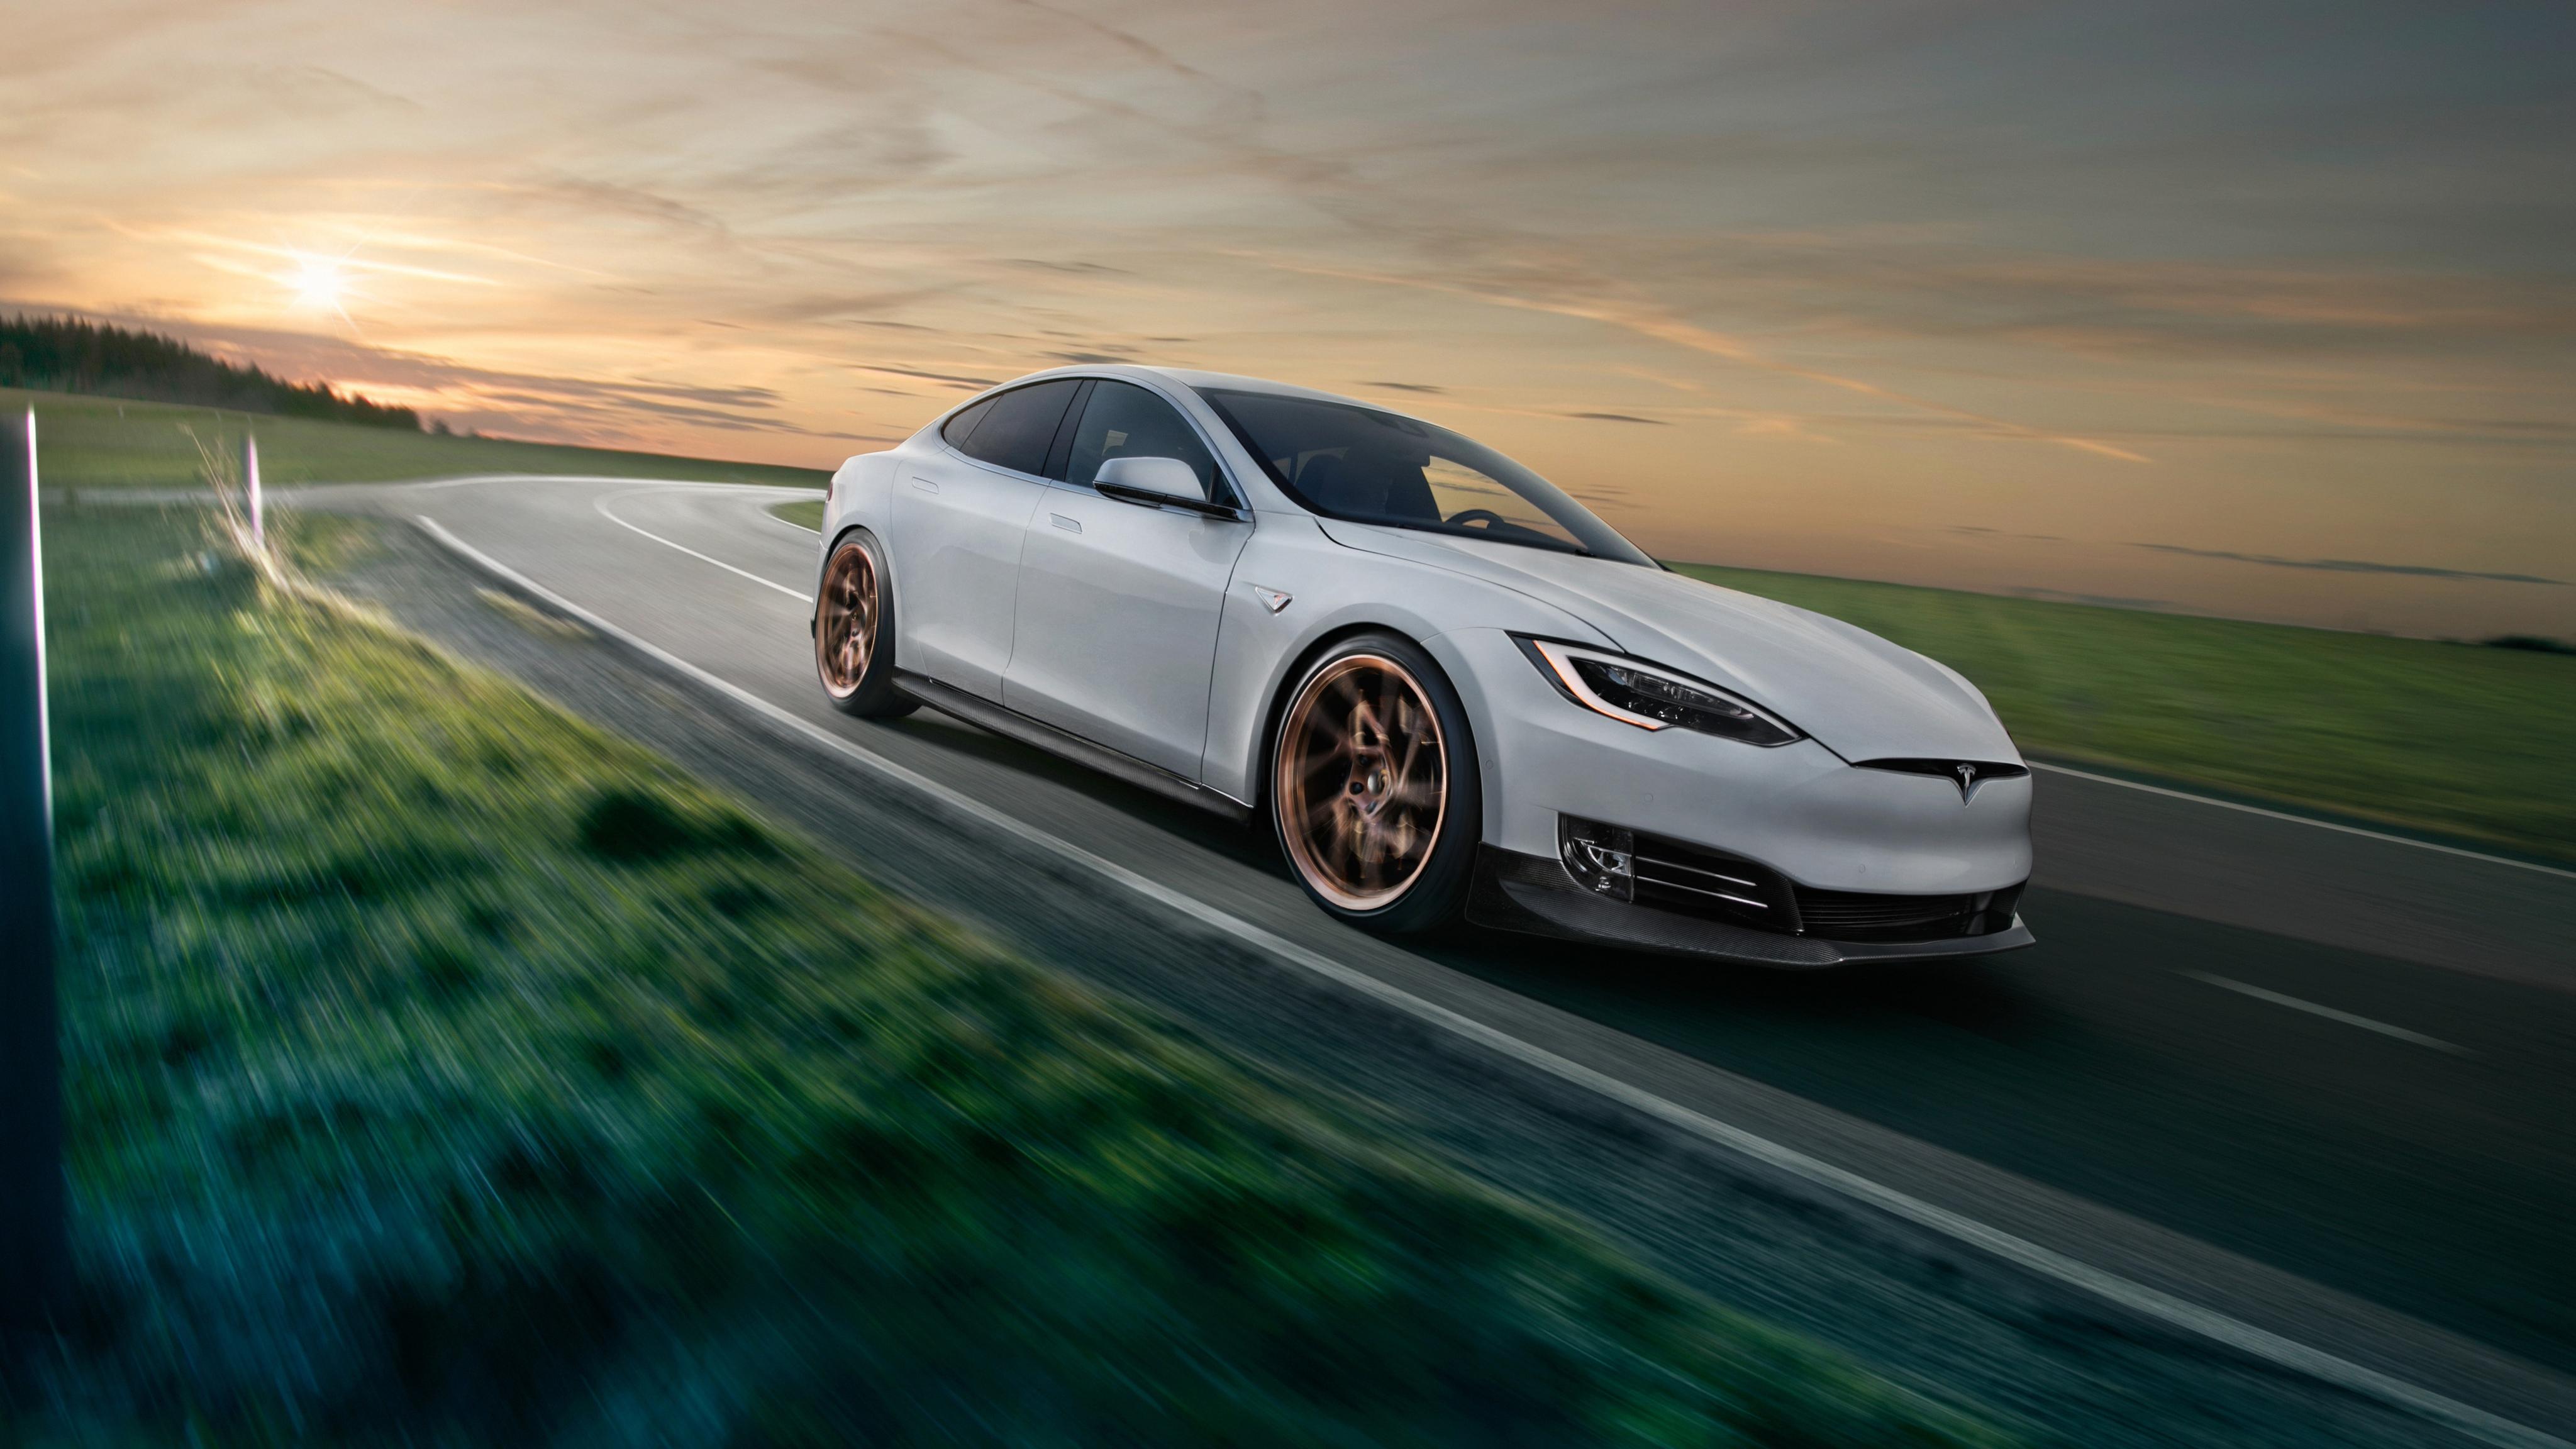 2017 Novitec Tesla Model S 4K 2